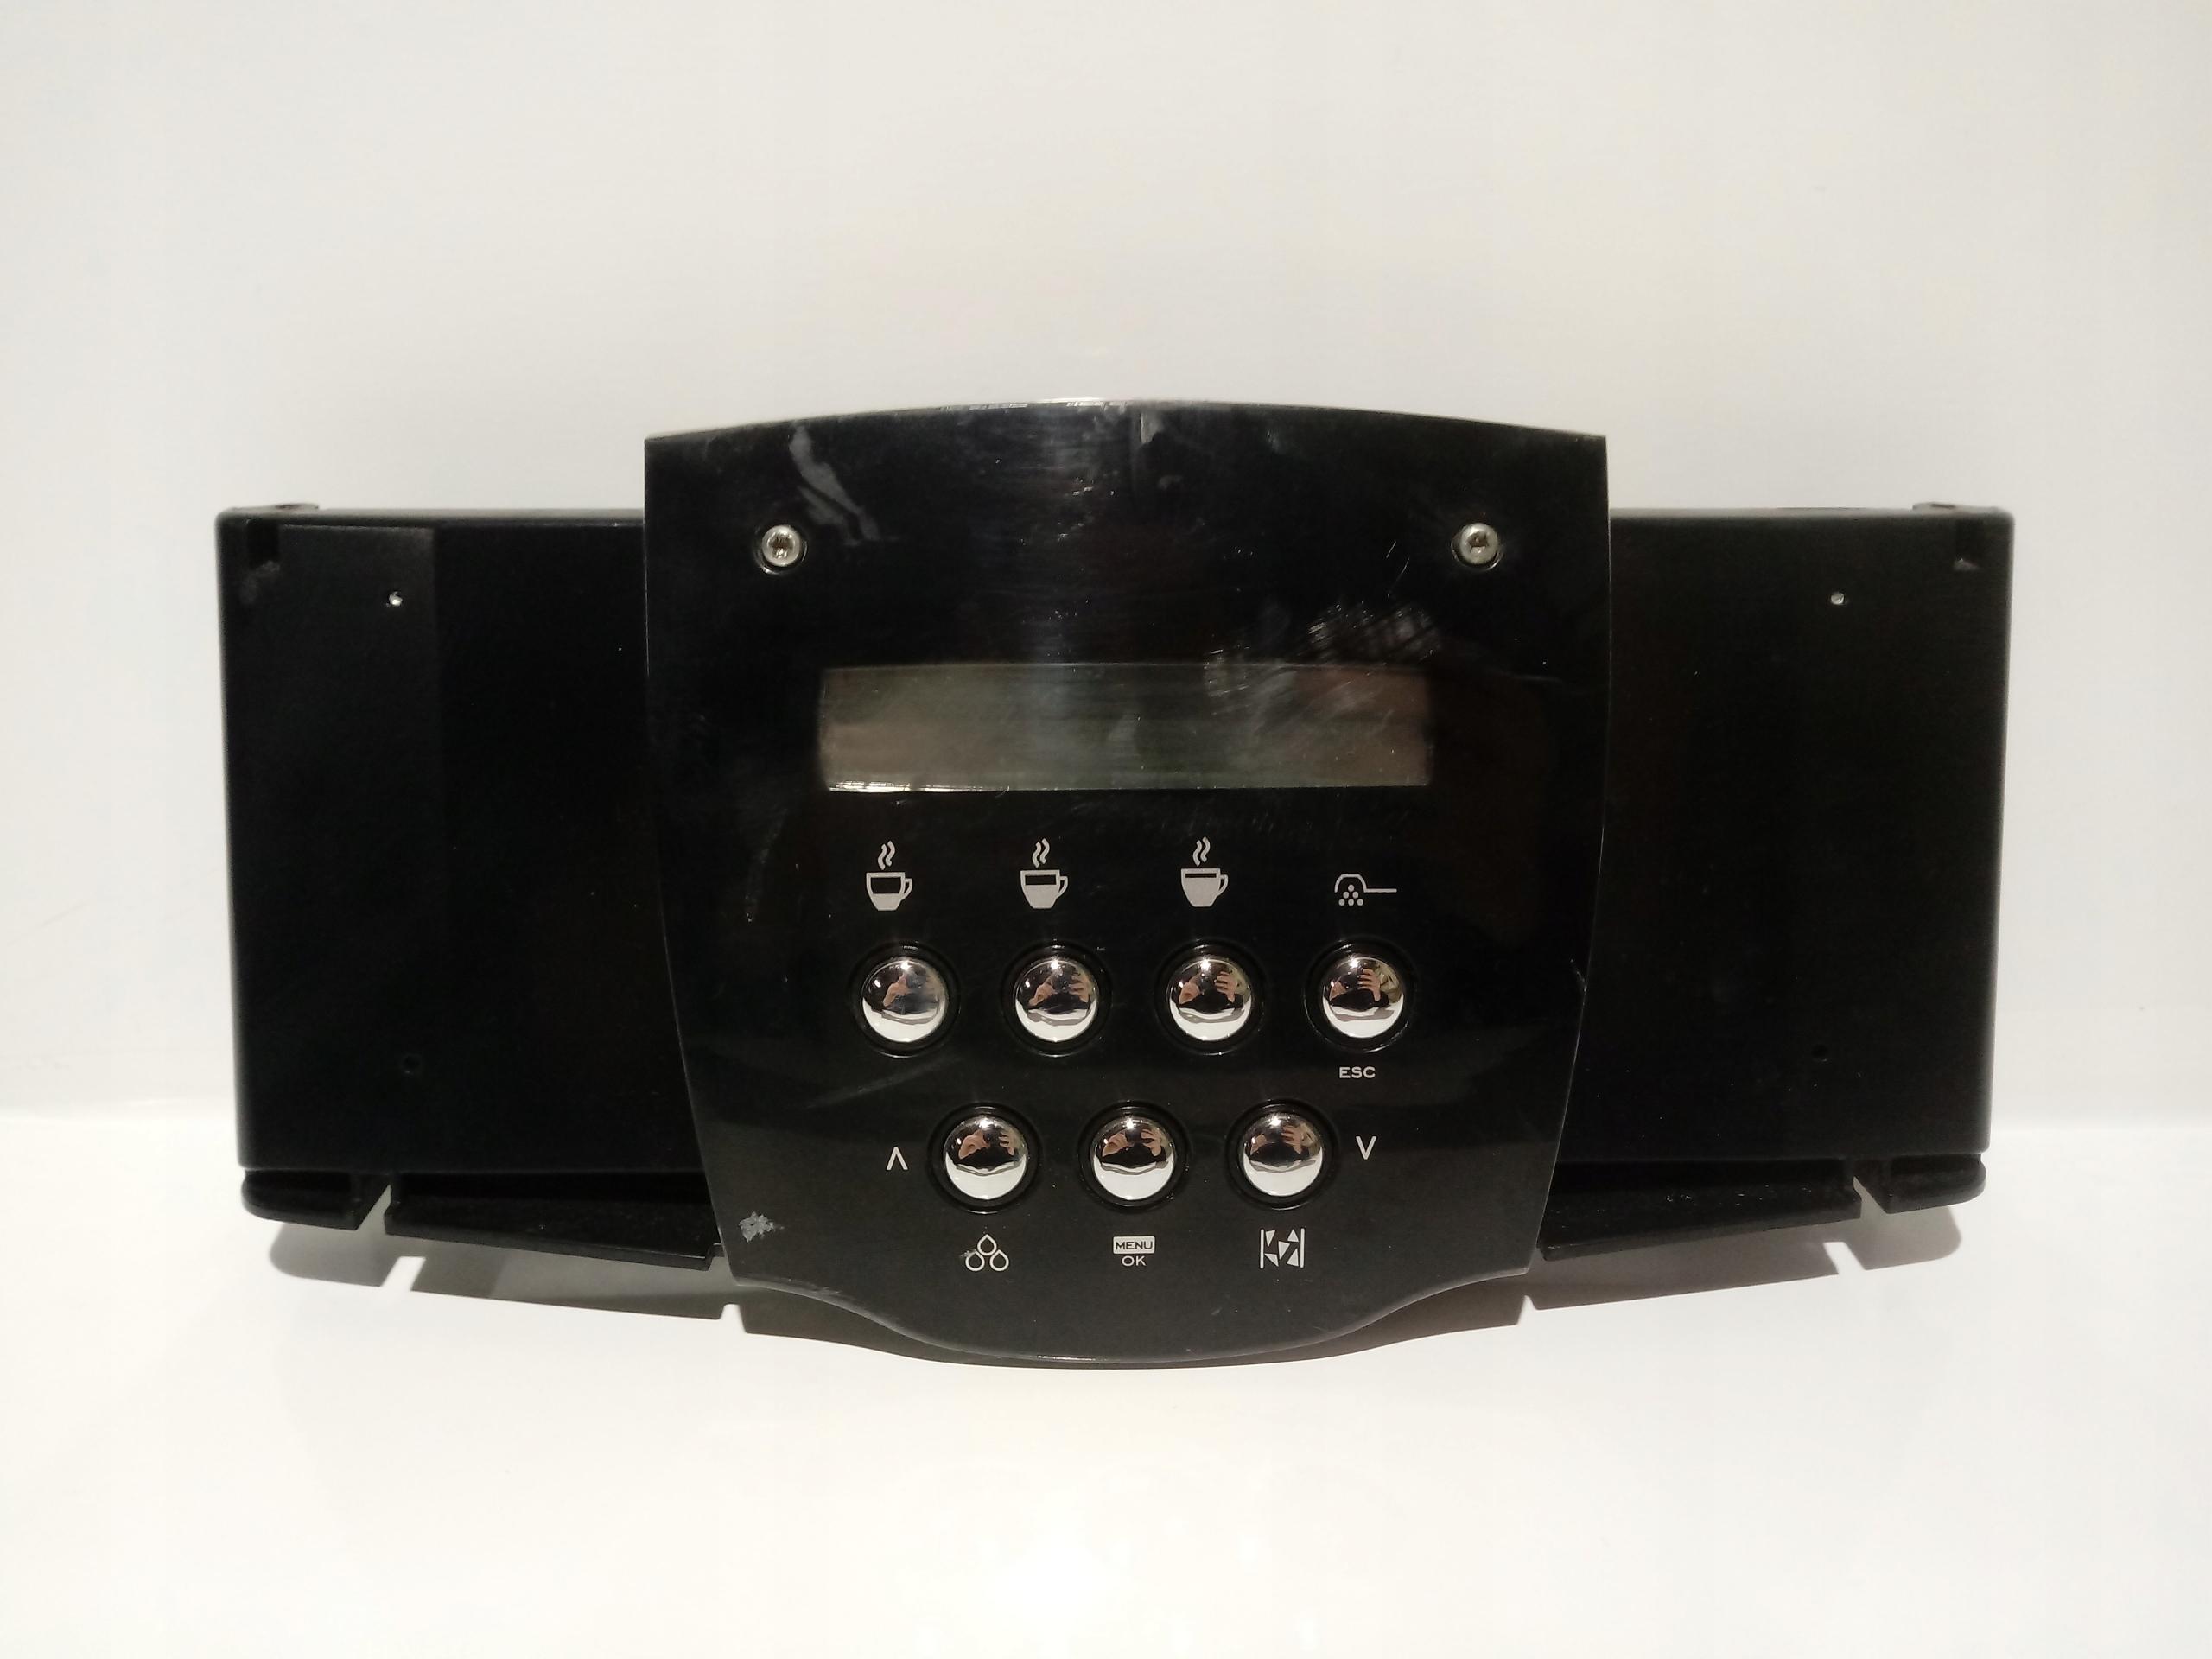 Saeco Incanto de luxe panel sterowania LCD